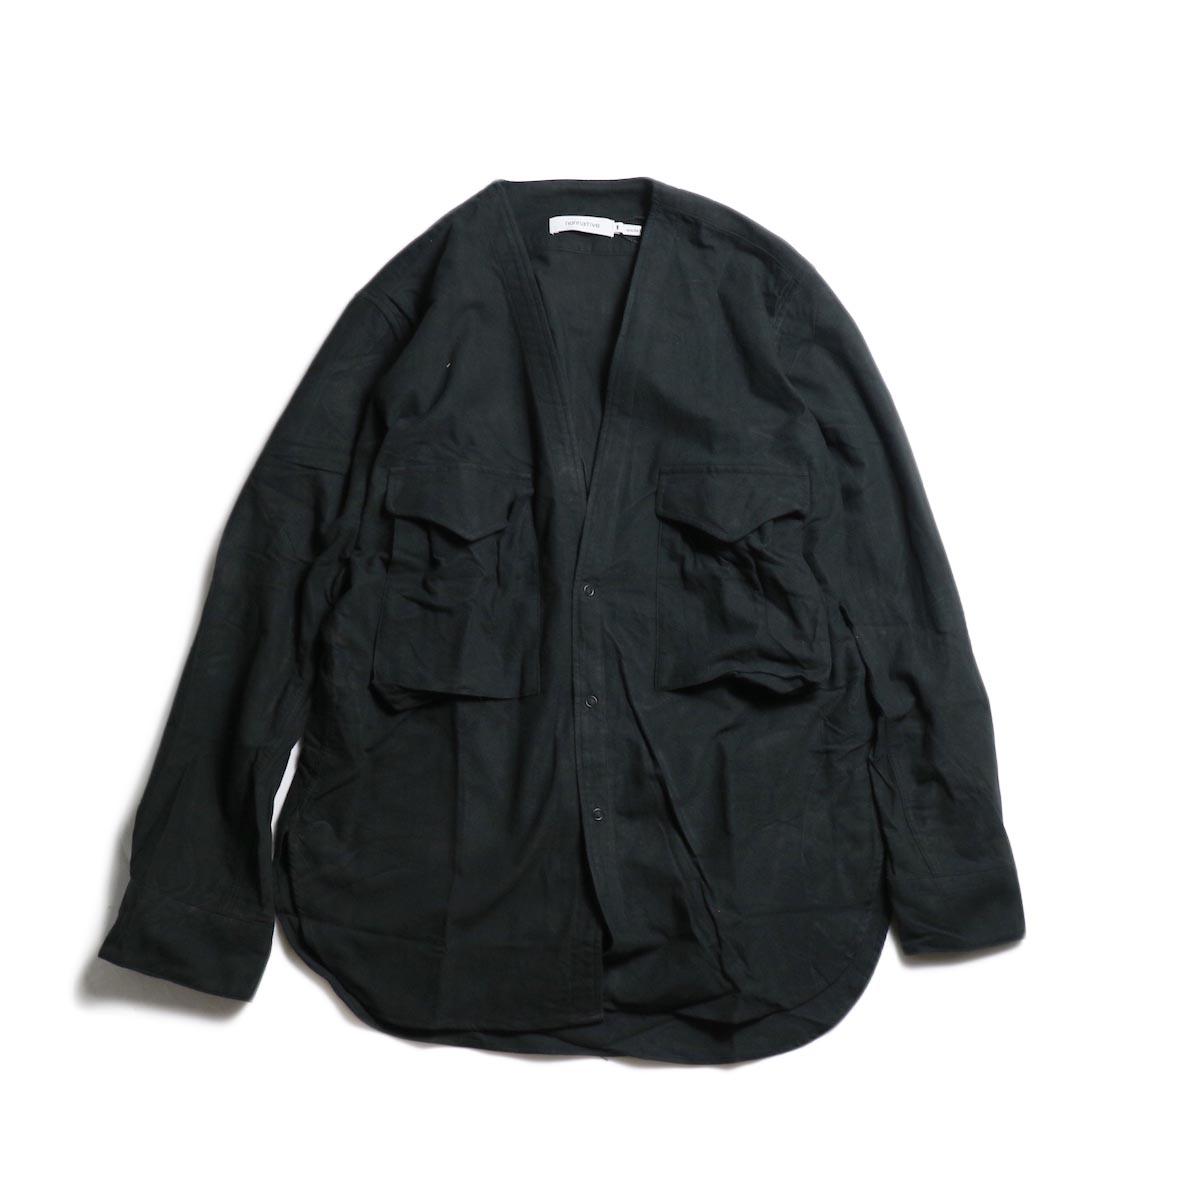 nonnative / CARPENTER SHIRT JACKET COTTON FLANNEL -Black 正面